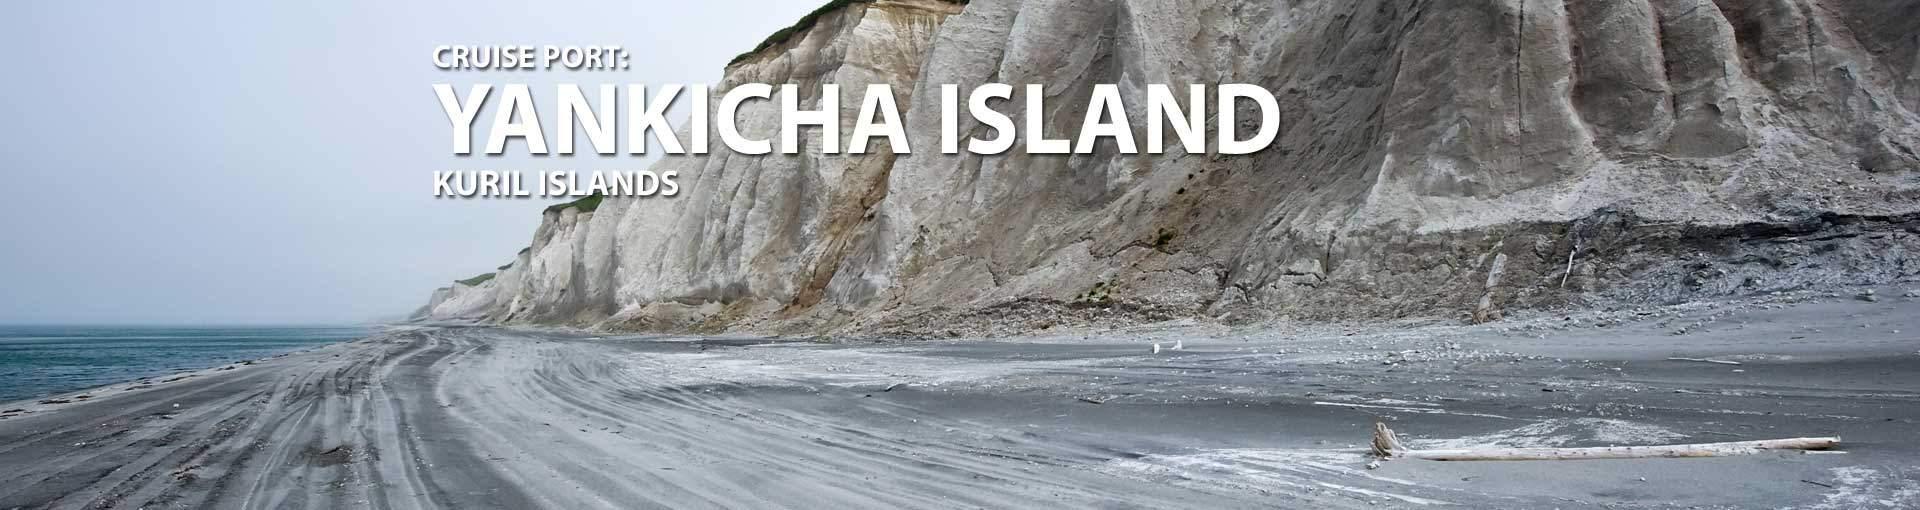 Cruises to Yankicha Island, Kuril Islands